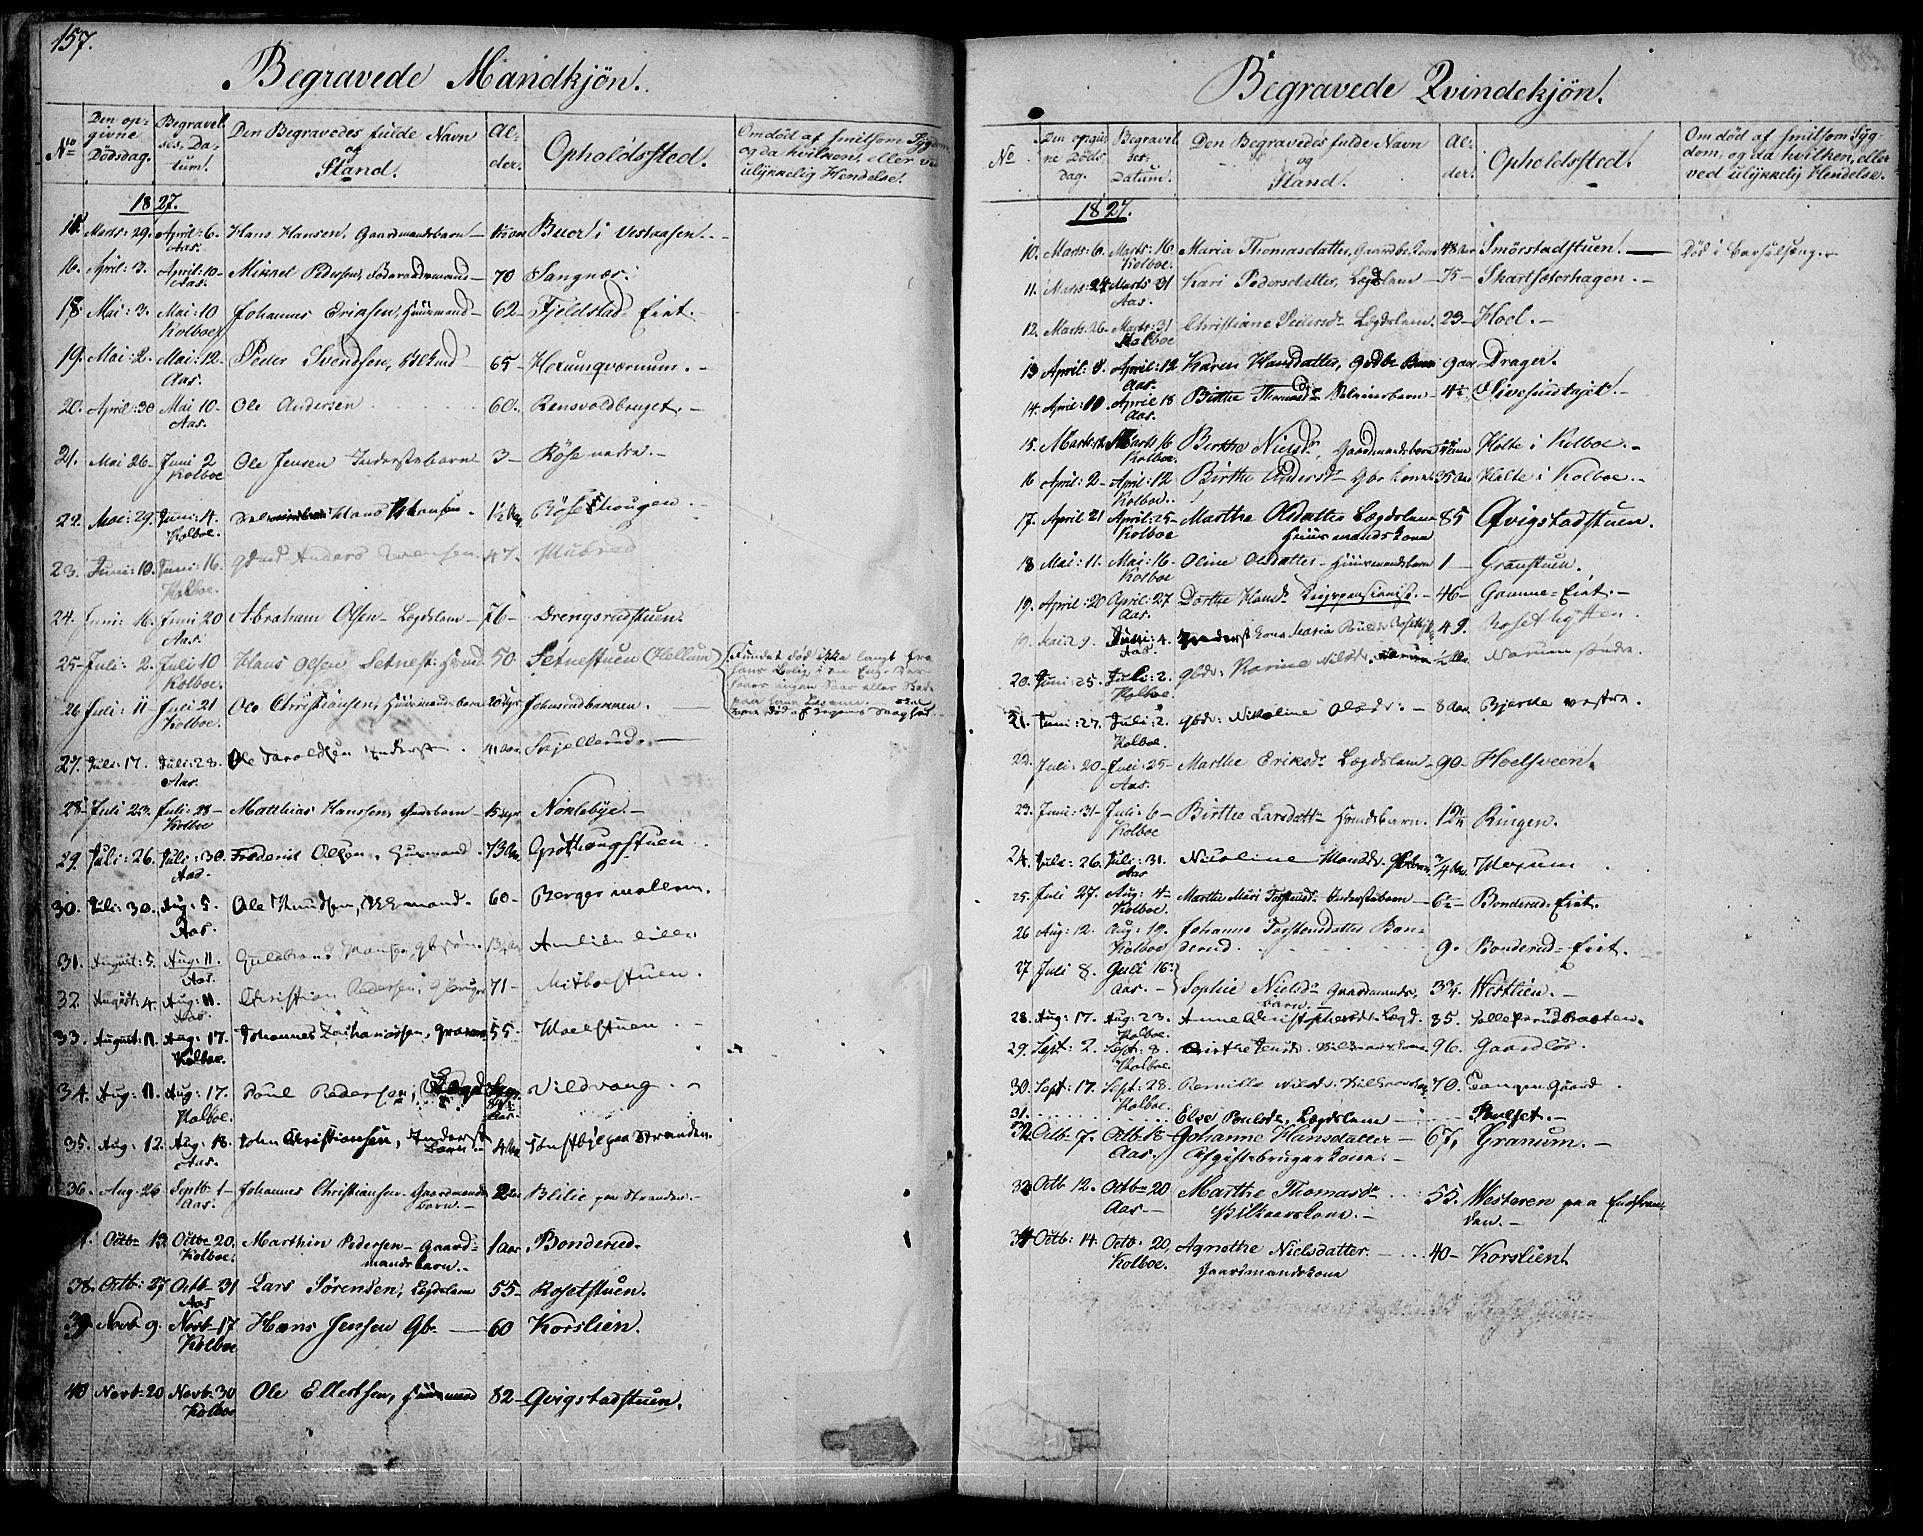 SAH, Vestre Toten prestekontor, Ministerialbok nr. 2, 1825-1837, s. 157